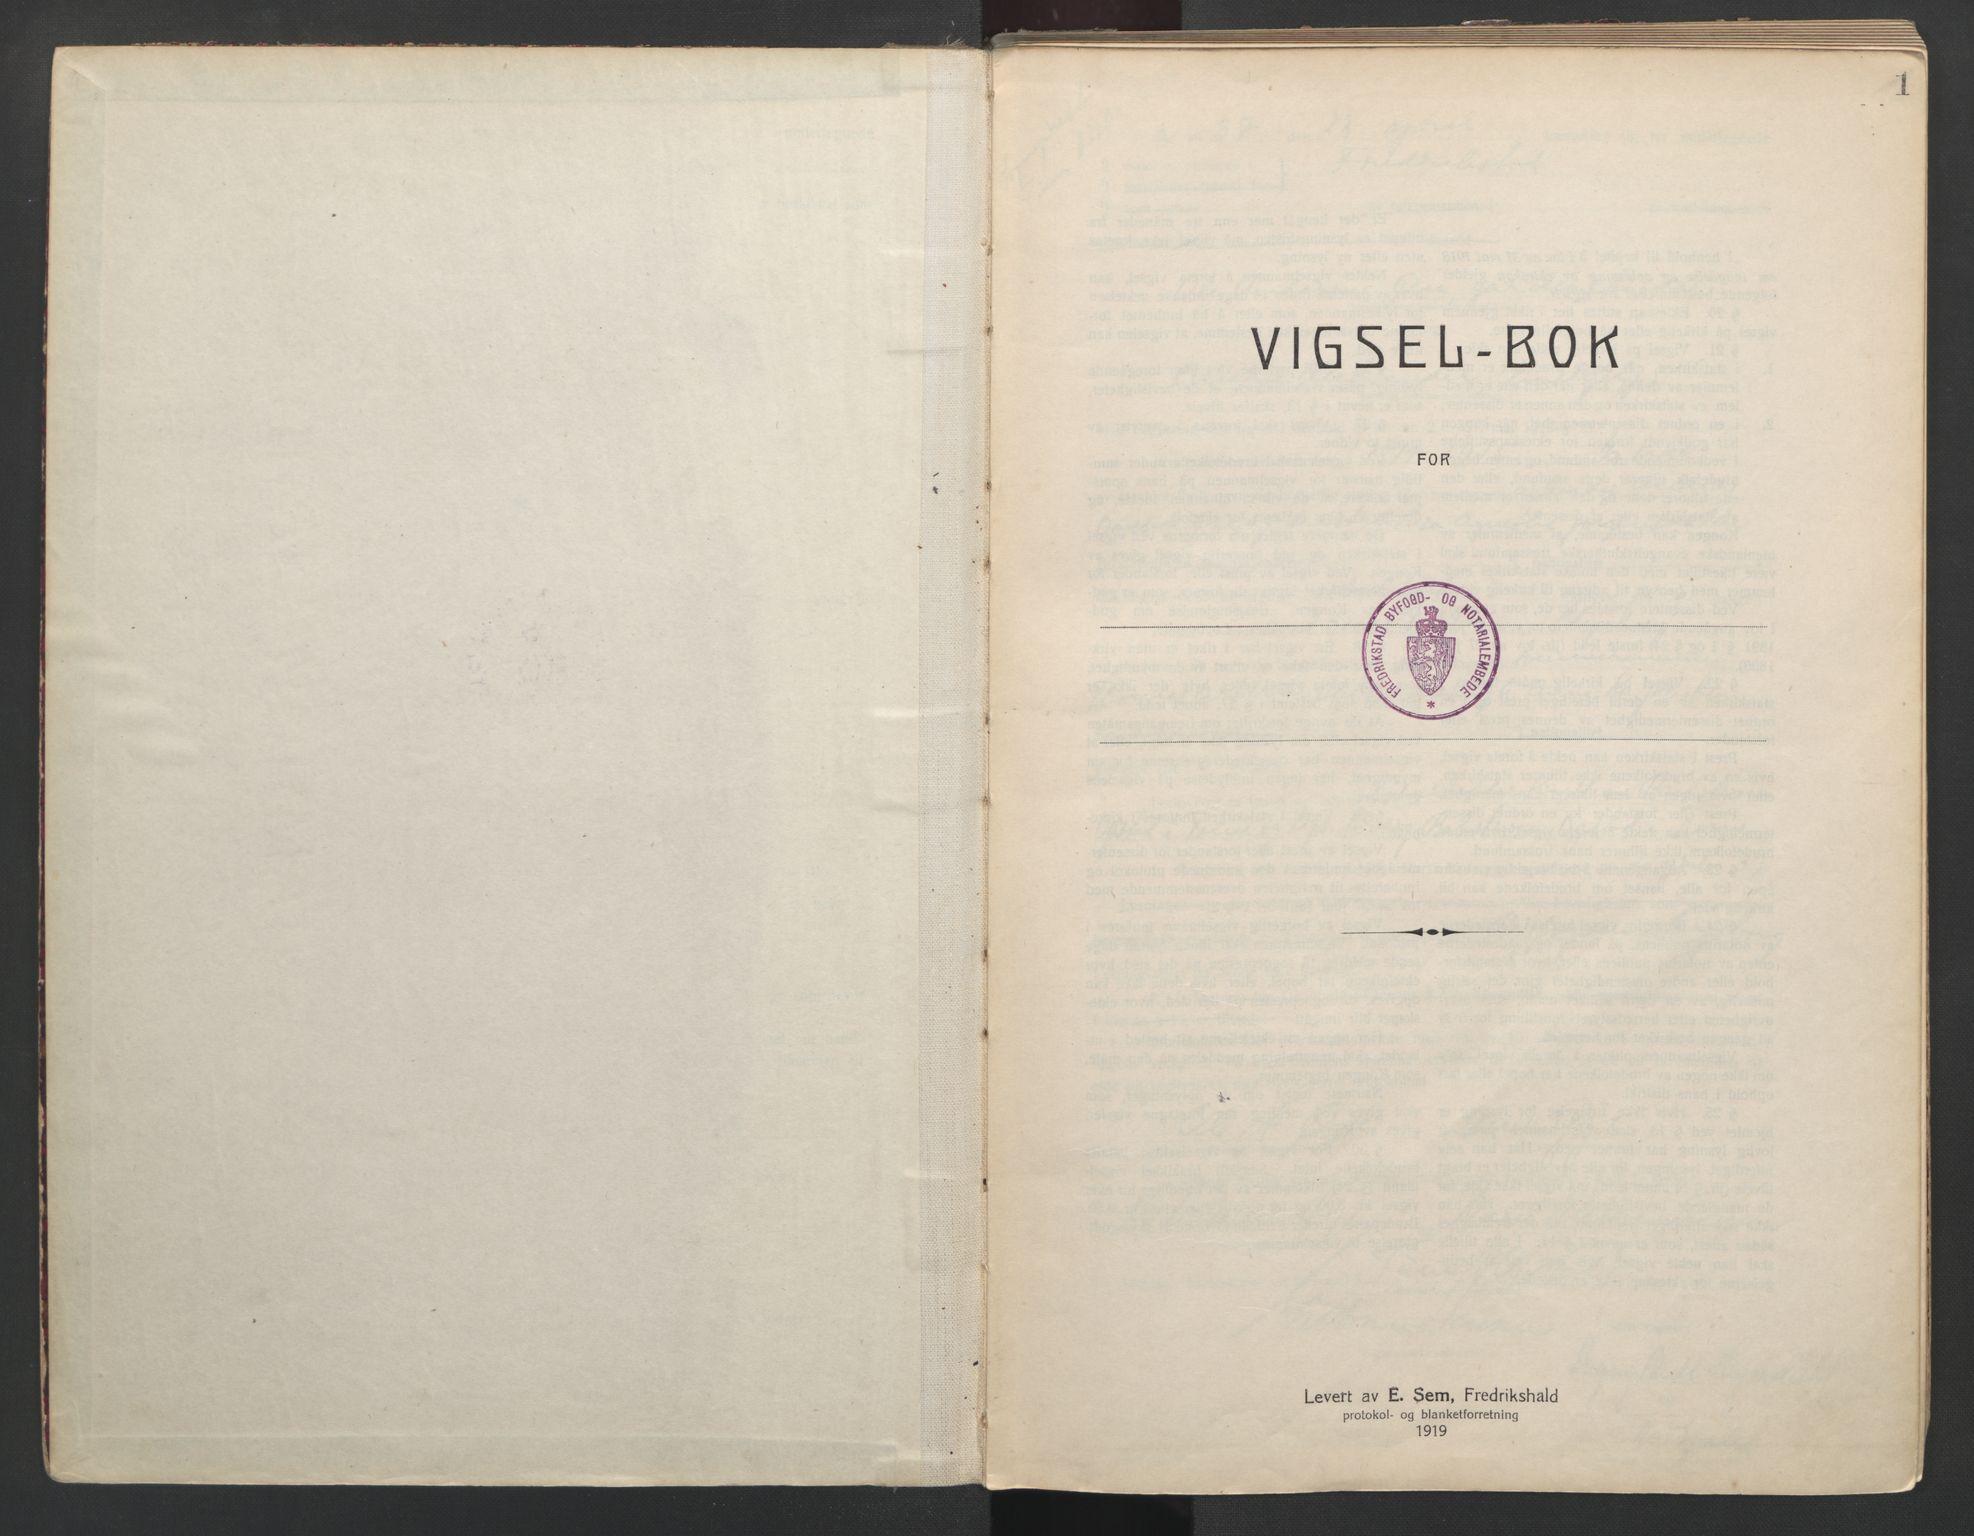 SAO, Fredrikstad byfogd, L/Lc/L0002: Vigselsbok, 1937-1943, s. 1